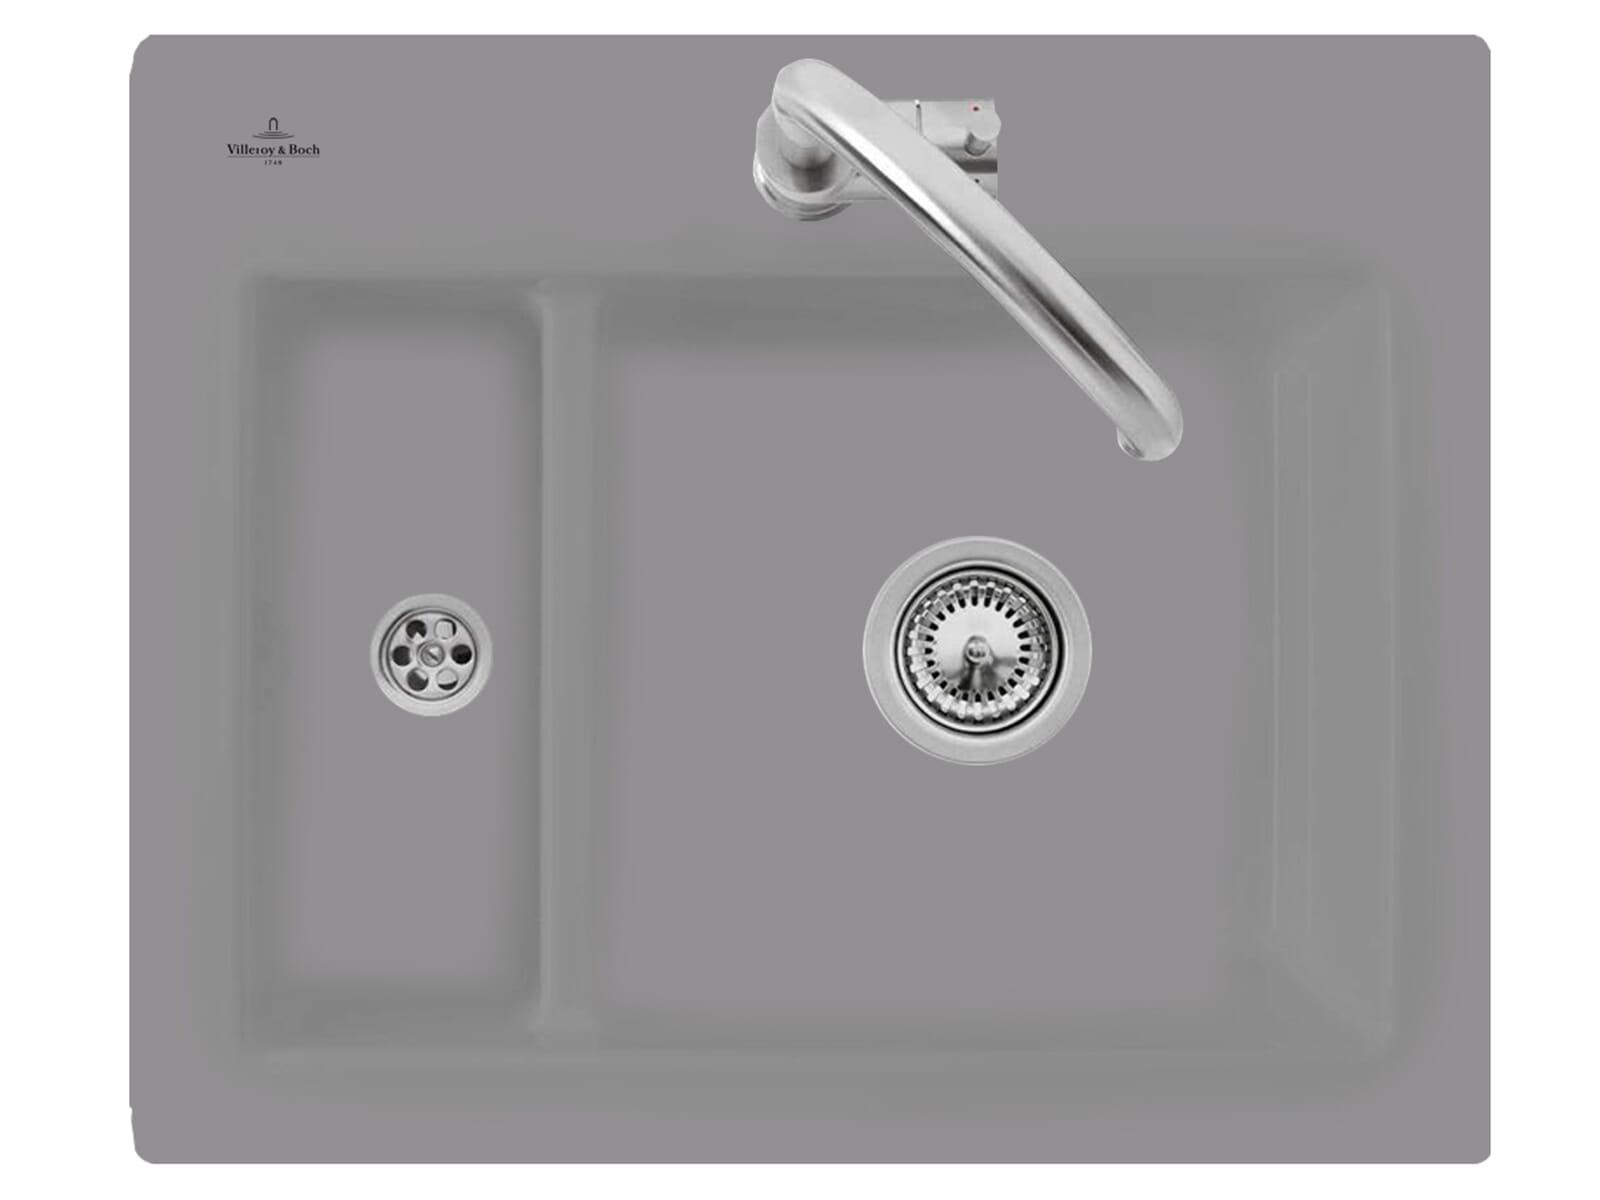 Villeroy & Boch Subway 60 XM Stone - 6780 01 SL Keramikspüle Handbetätigung